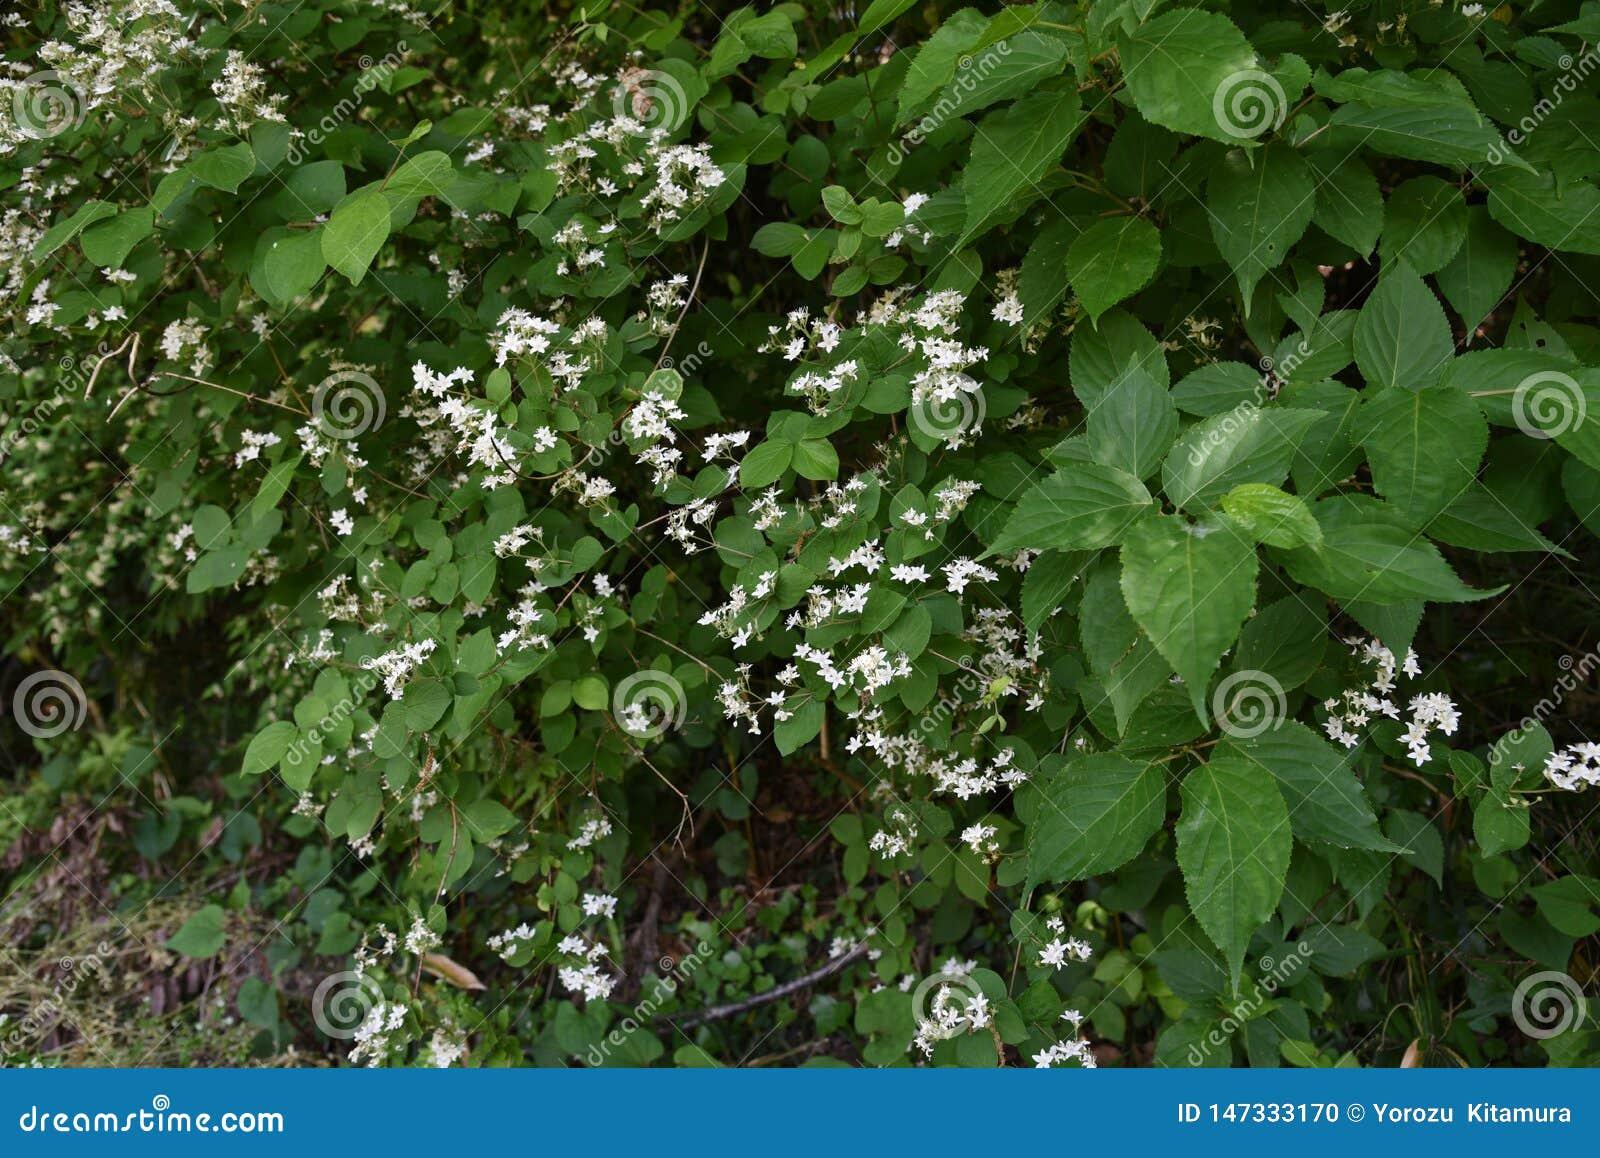 Fuzzy deutzia flowers